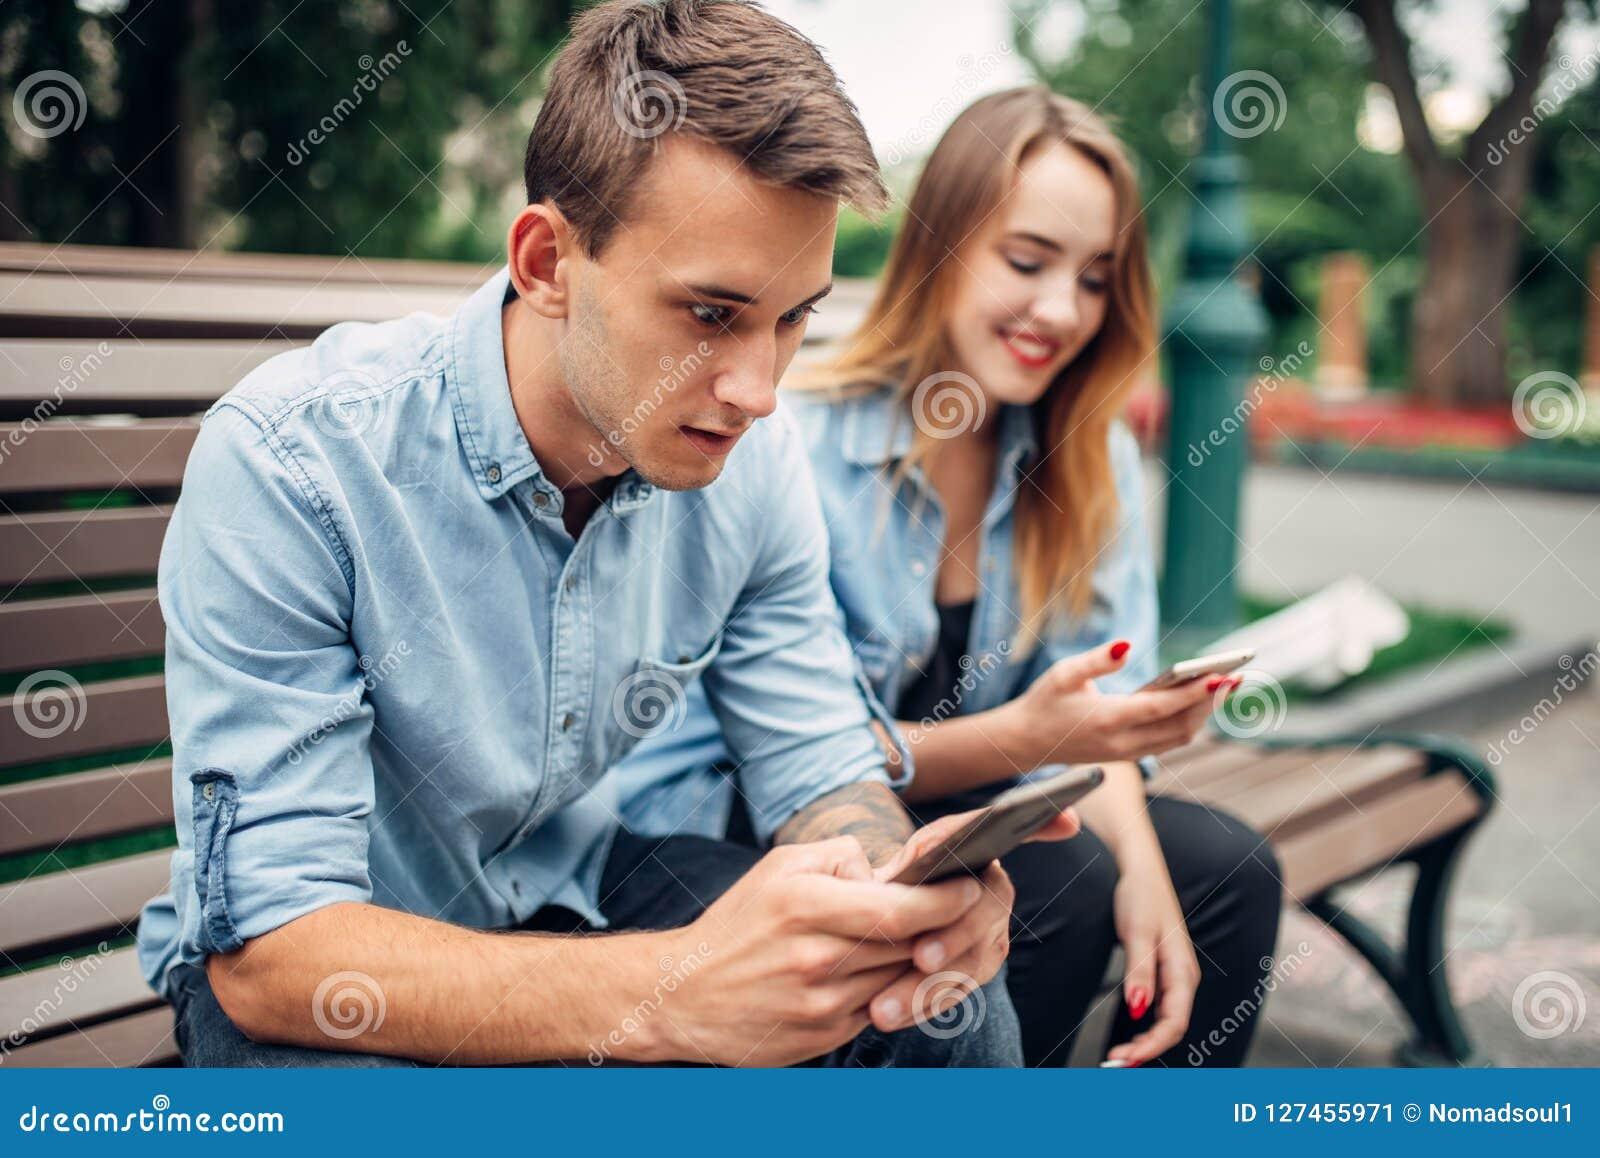 Personnes dépendantes de téléphone, couples utilisant des smartphones